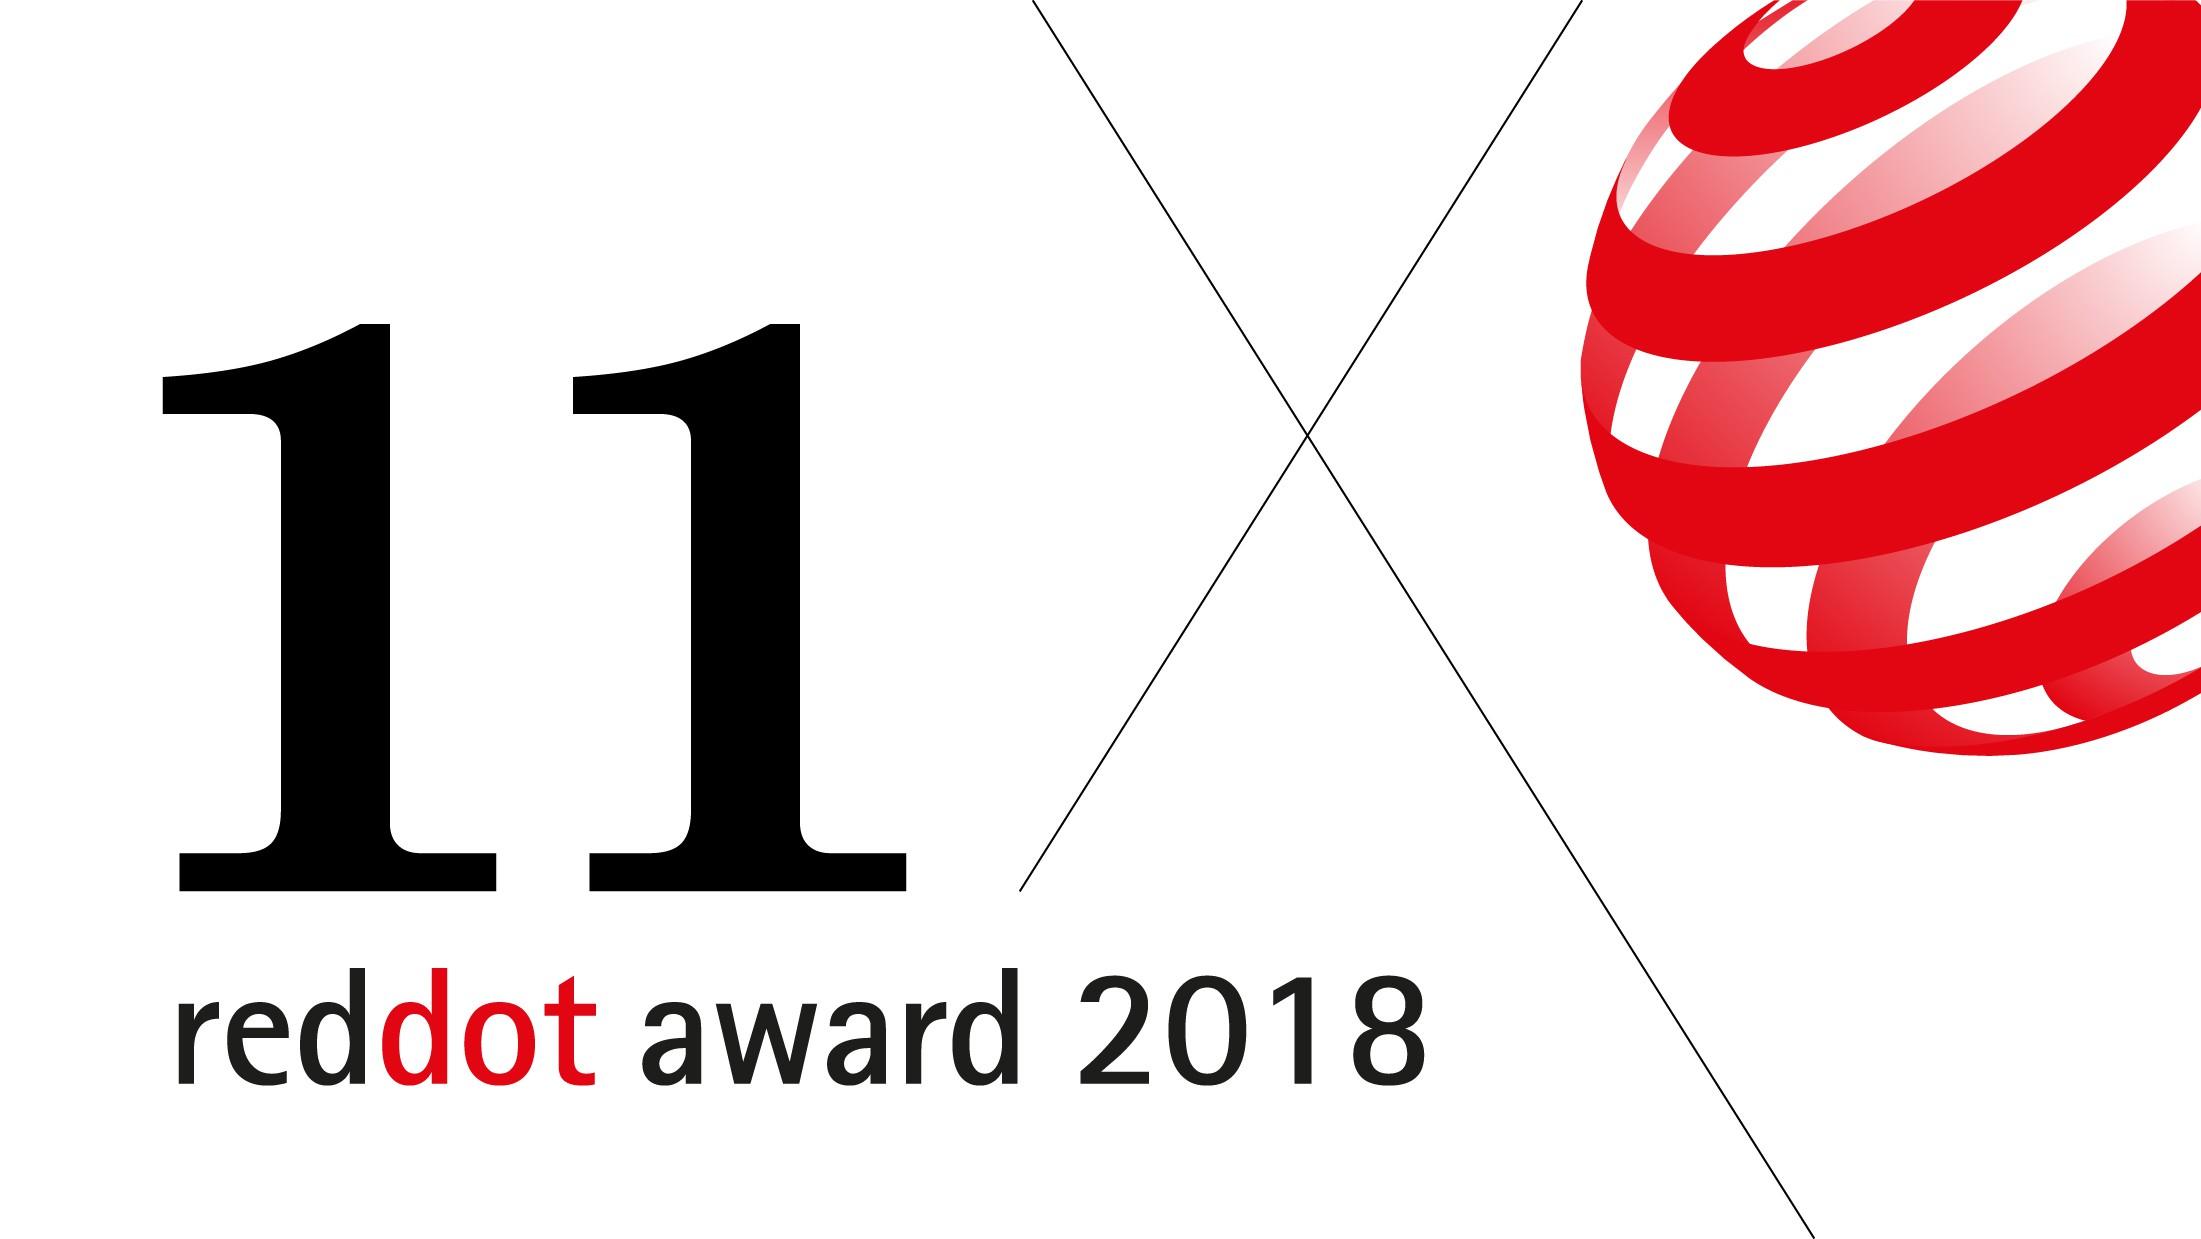 11 Red Dot News Strichpunkt Design